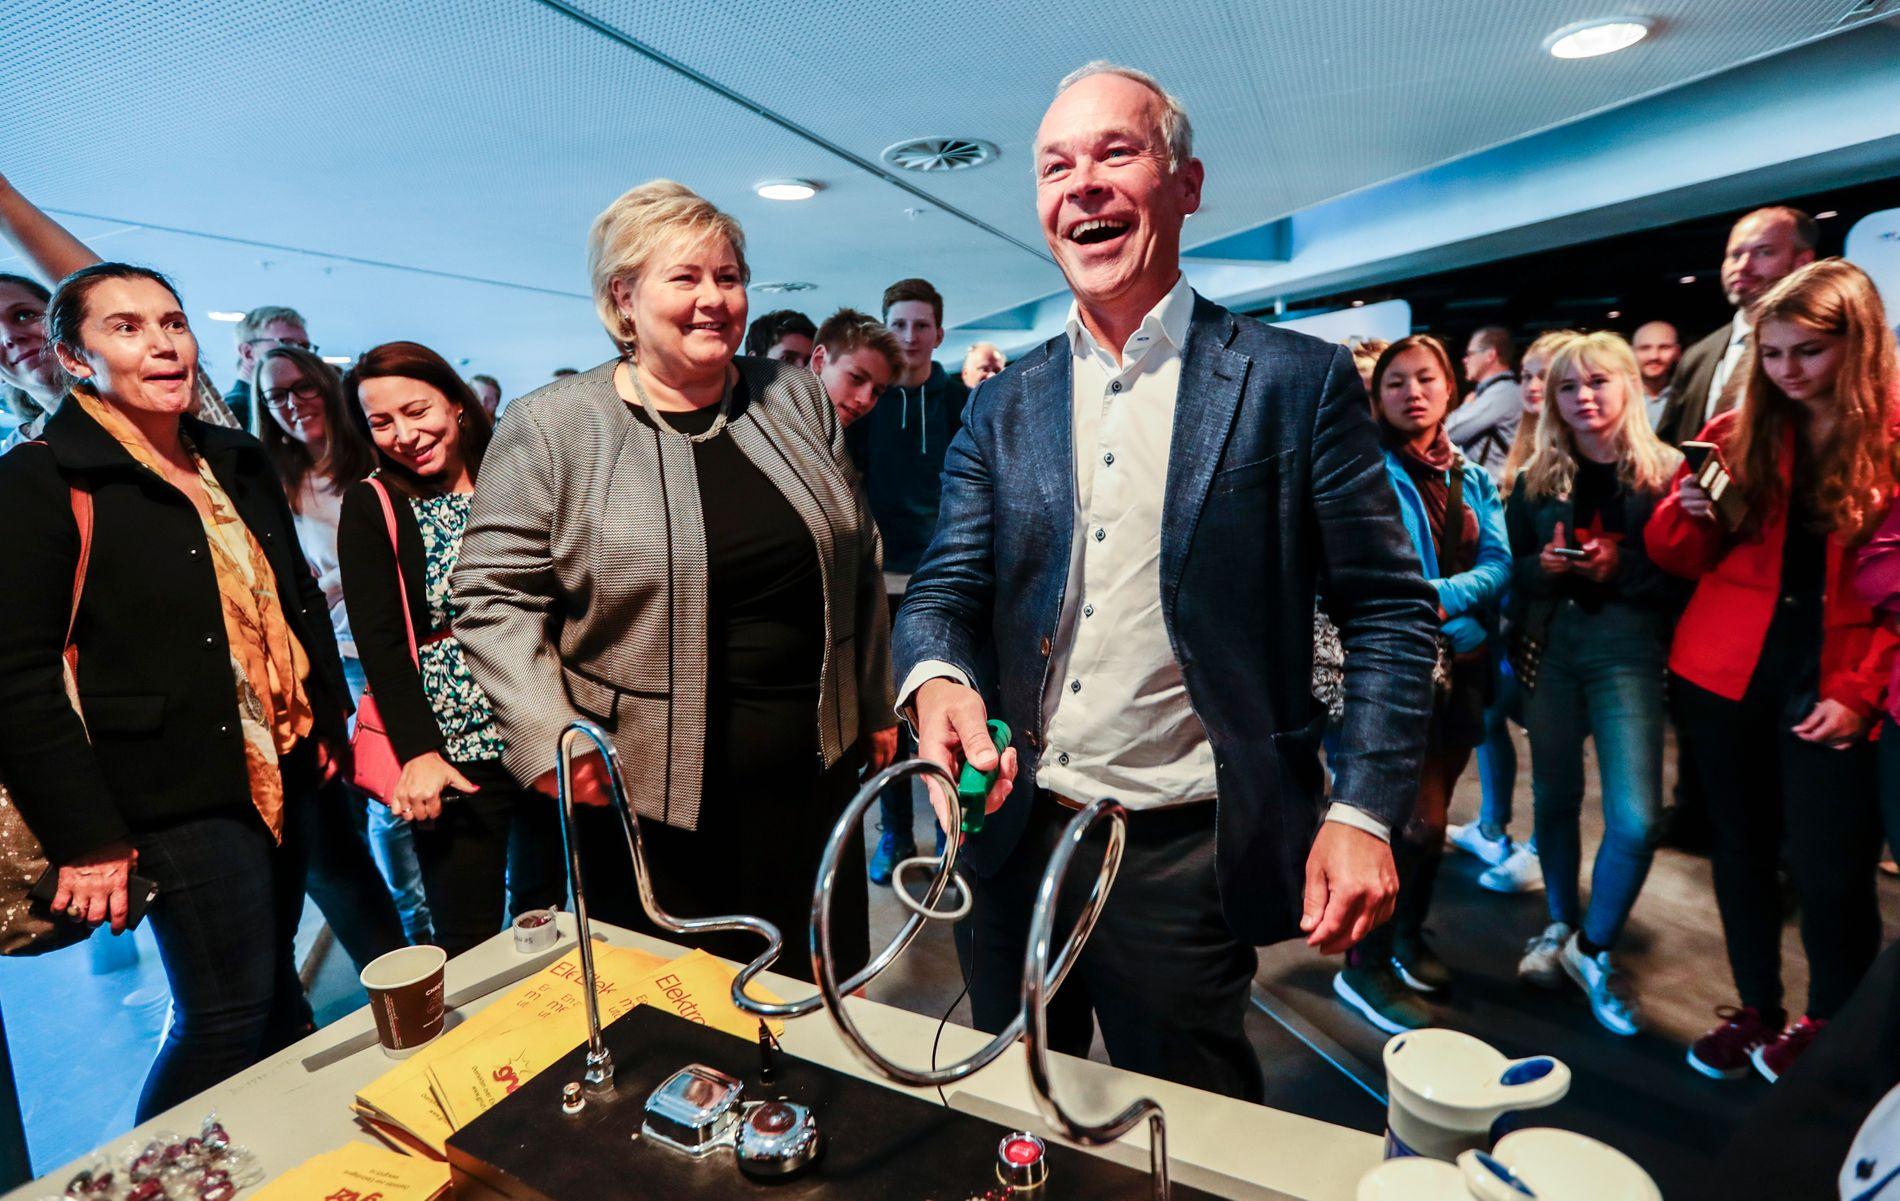 STØDIG:  Kunnskapsminister Jan Tore Sanner (H) angrer ikke et sekund på at Høyre gikk i bresjen for å innføre en fraværsgrense i videregående. Her forsøker han å føre redskapen stødig uten å berøre strømførende metall på utstillingen «Fremtidens yrkesfag» i Oslo.